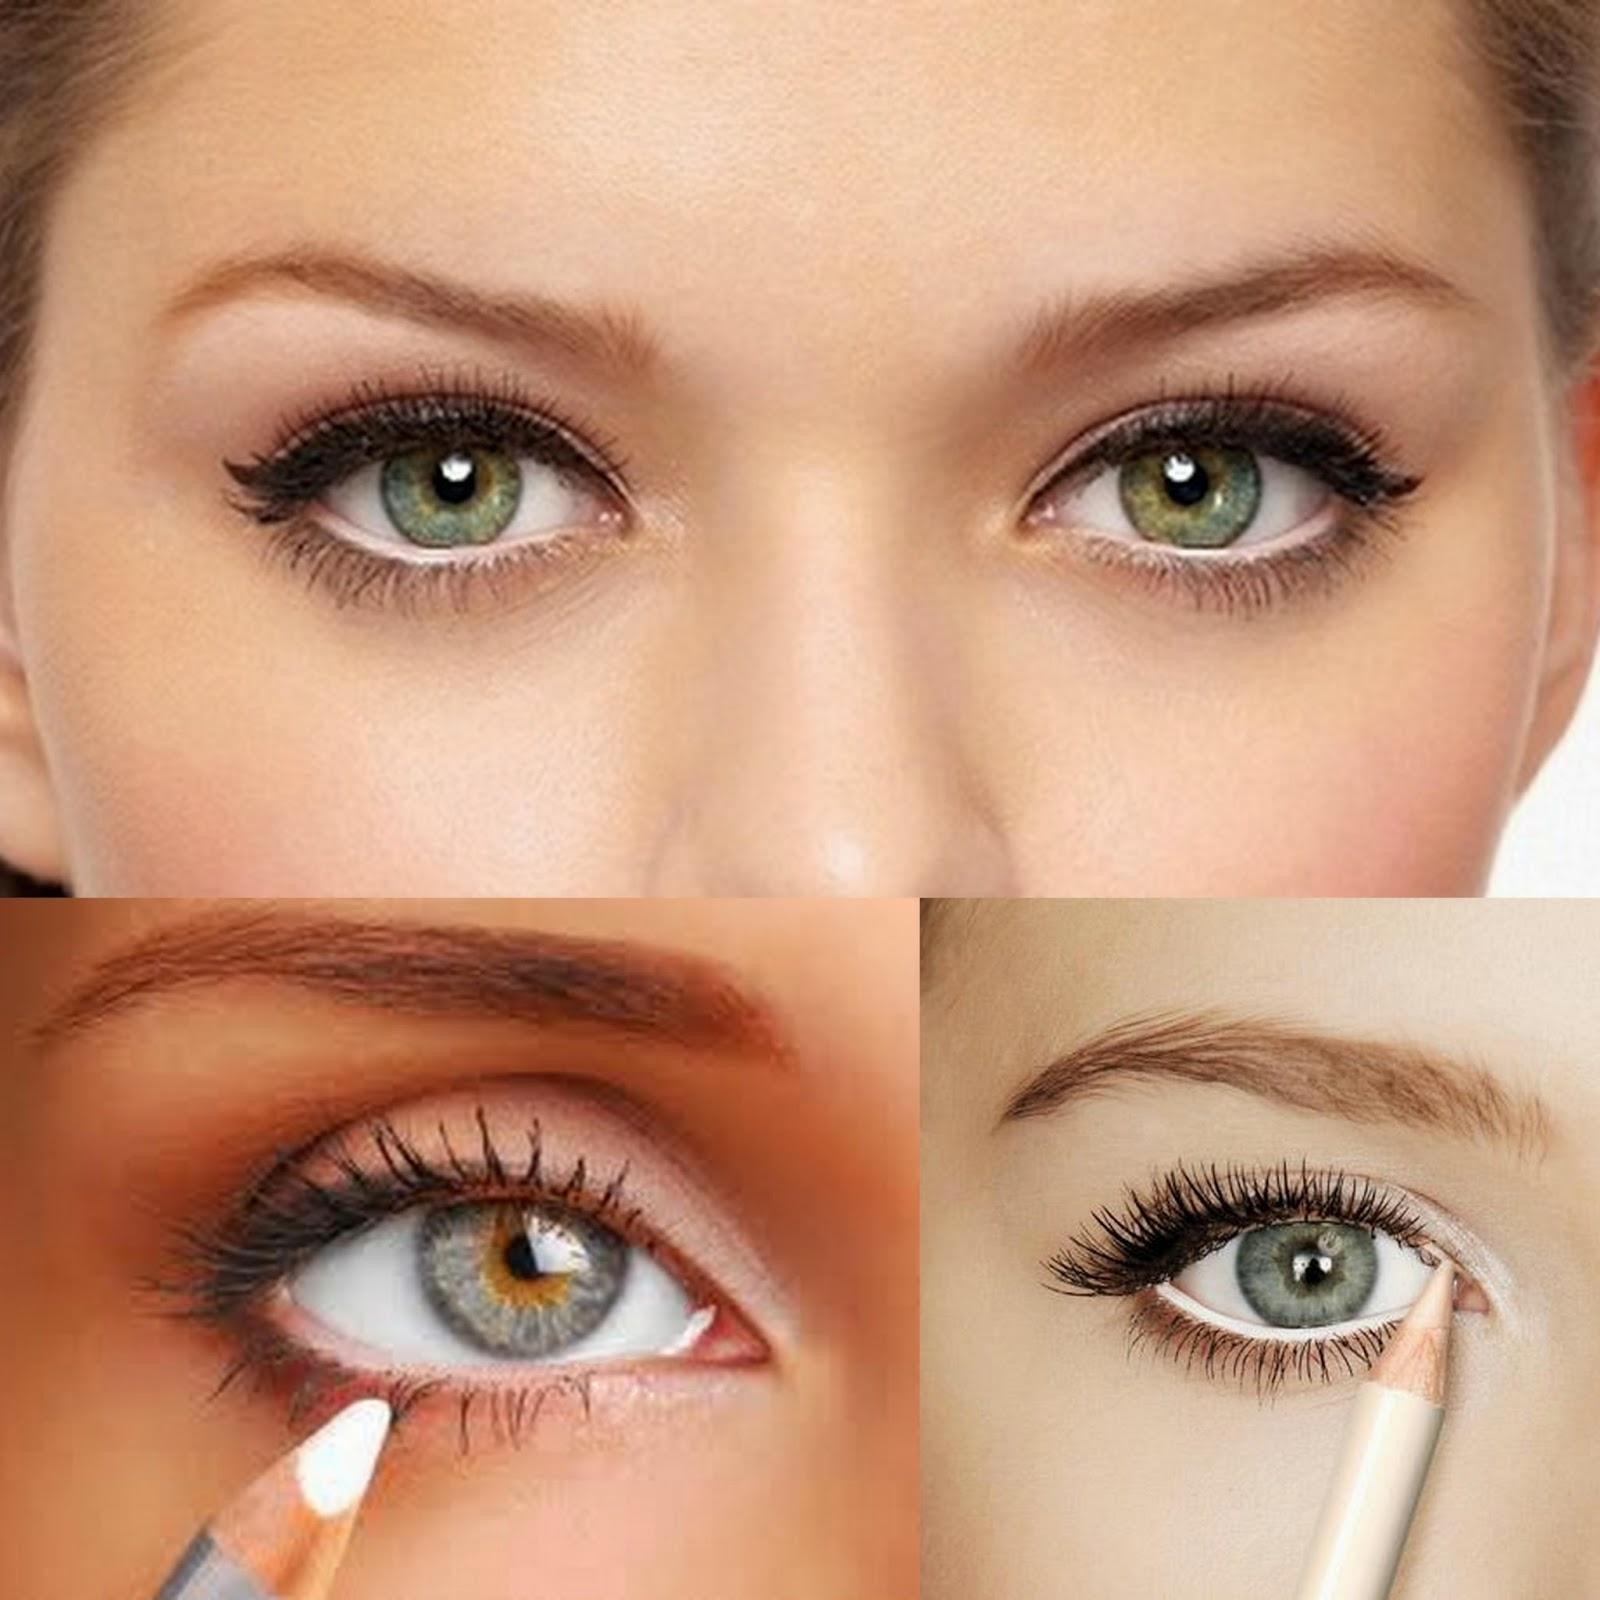 Eye make-up tips for smaller eyes foto